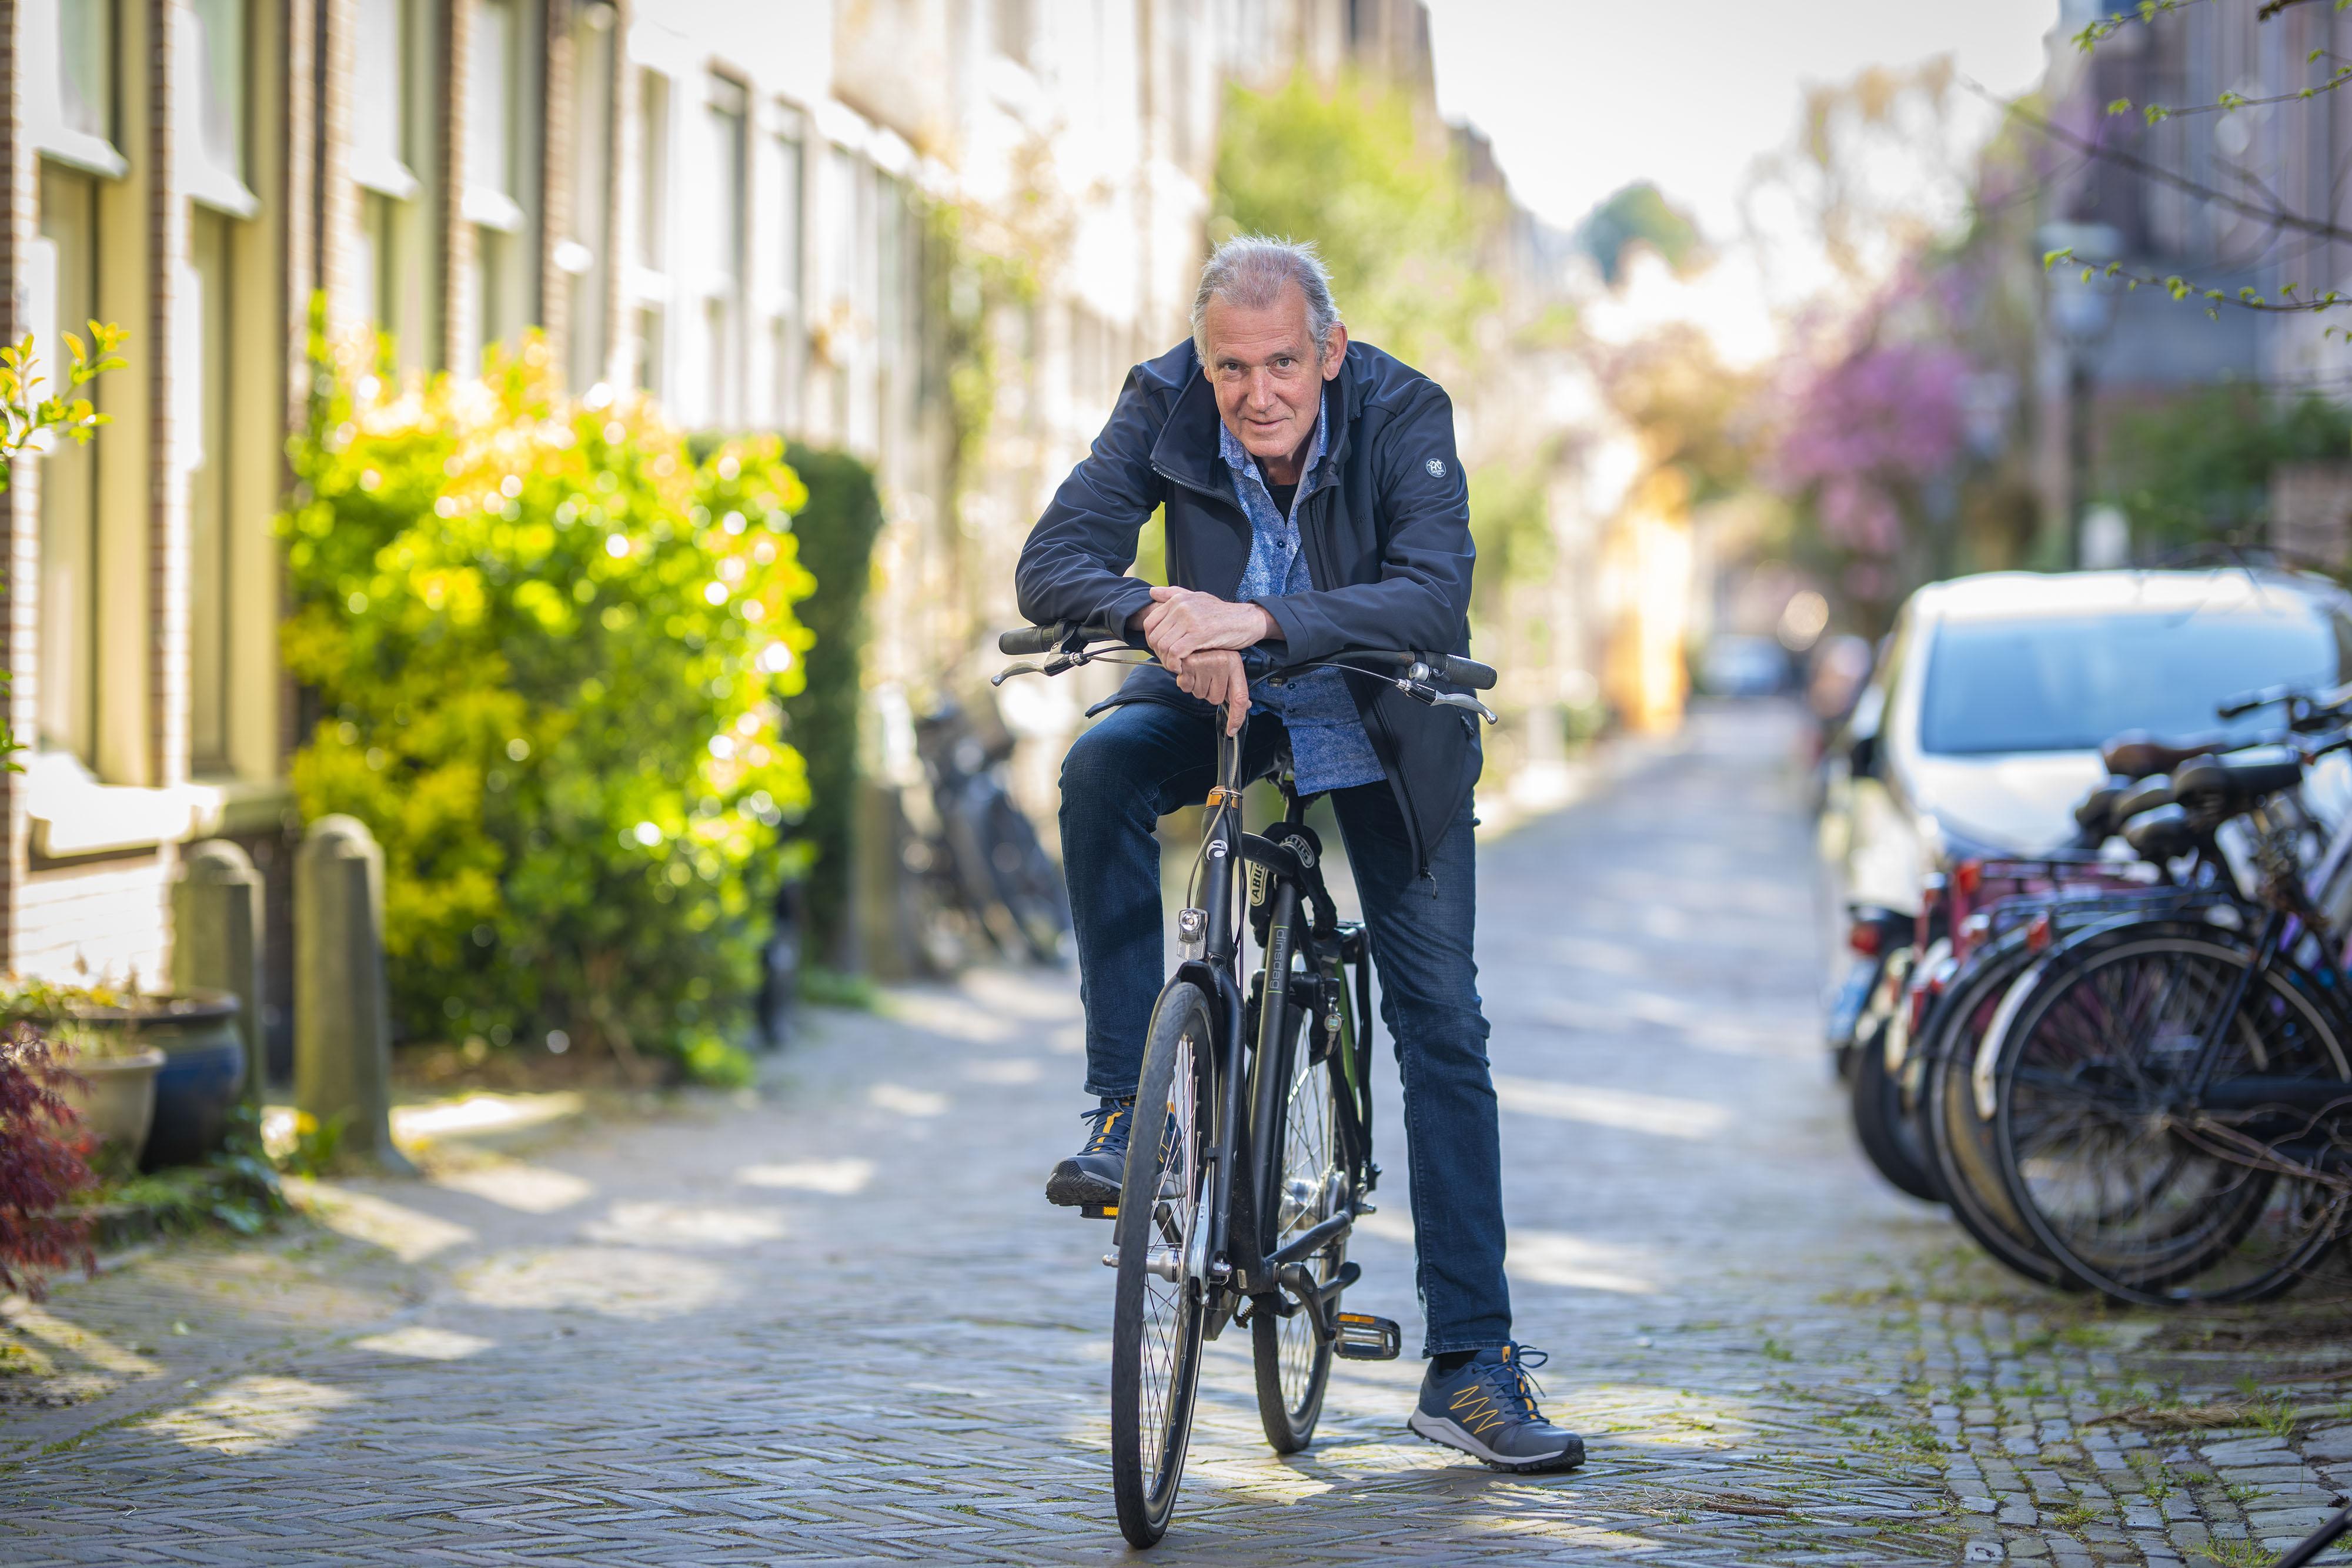 Sjaak van der Velden schrijft na maanden intensieve coronazorg een boek, als ode aan de vriendschap en de zorg: 'Het zijn overal mensen die het verschil maken'